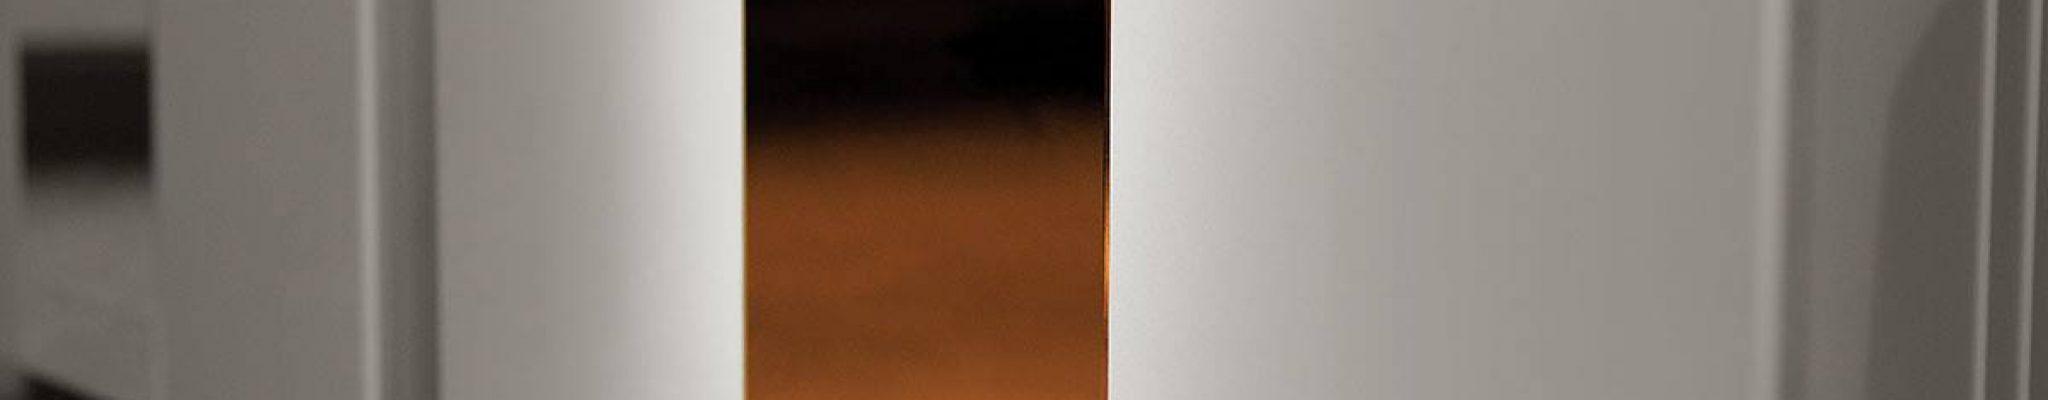 emm-labs-mtrx-amplifier-meitner-design